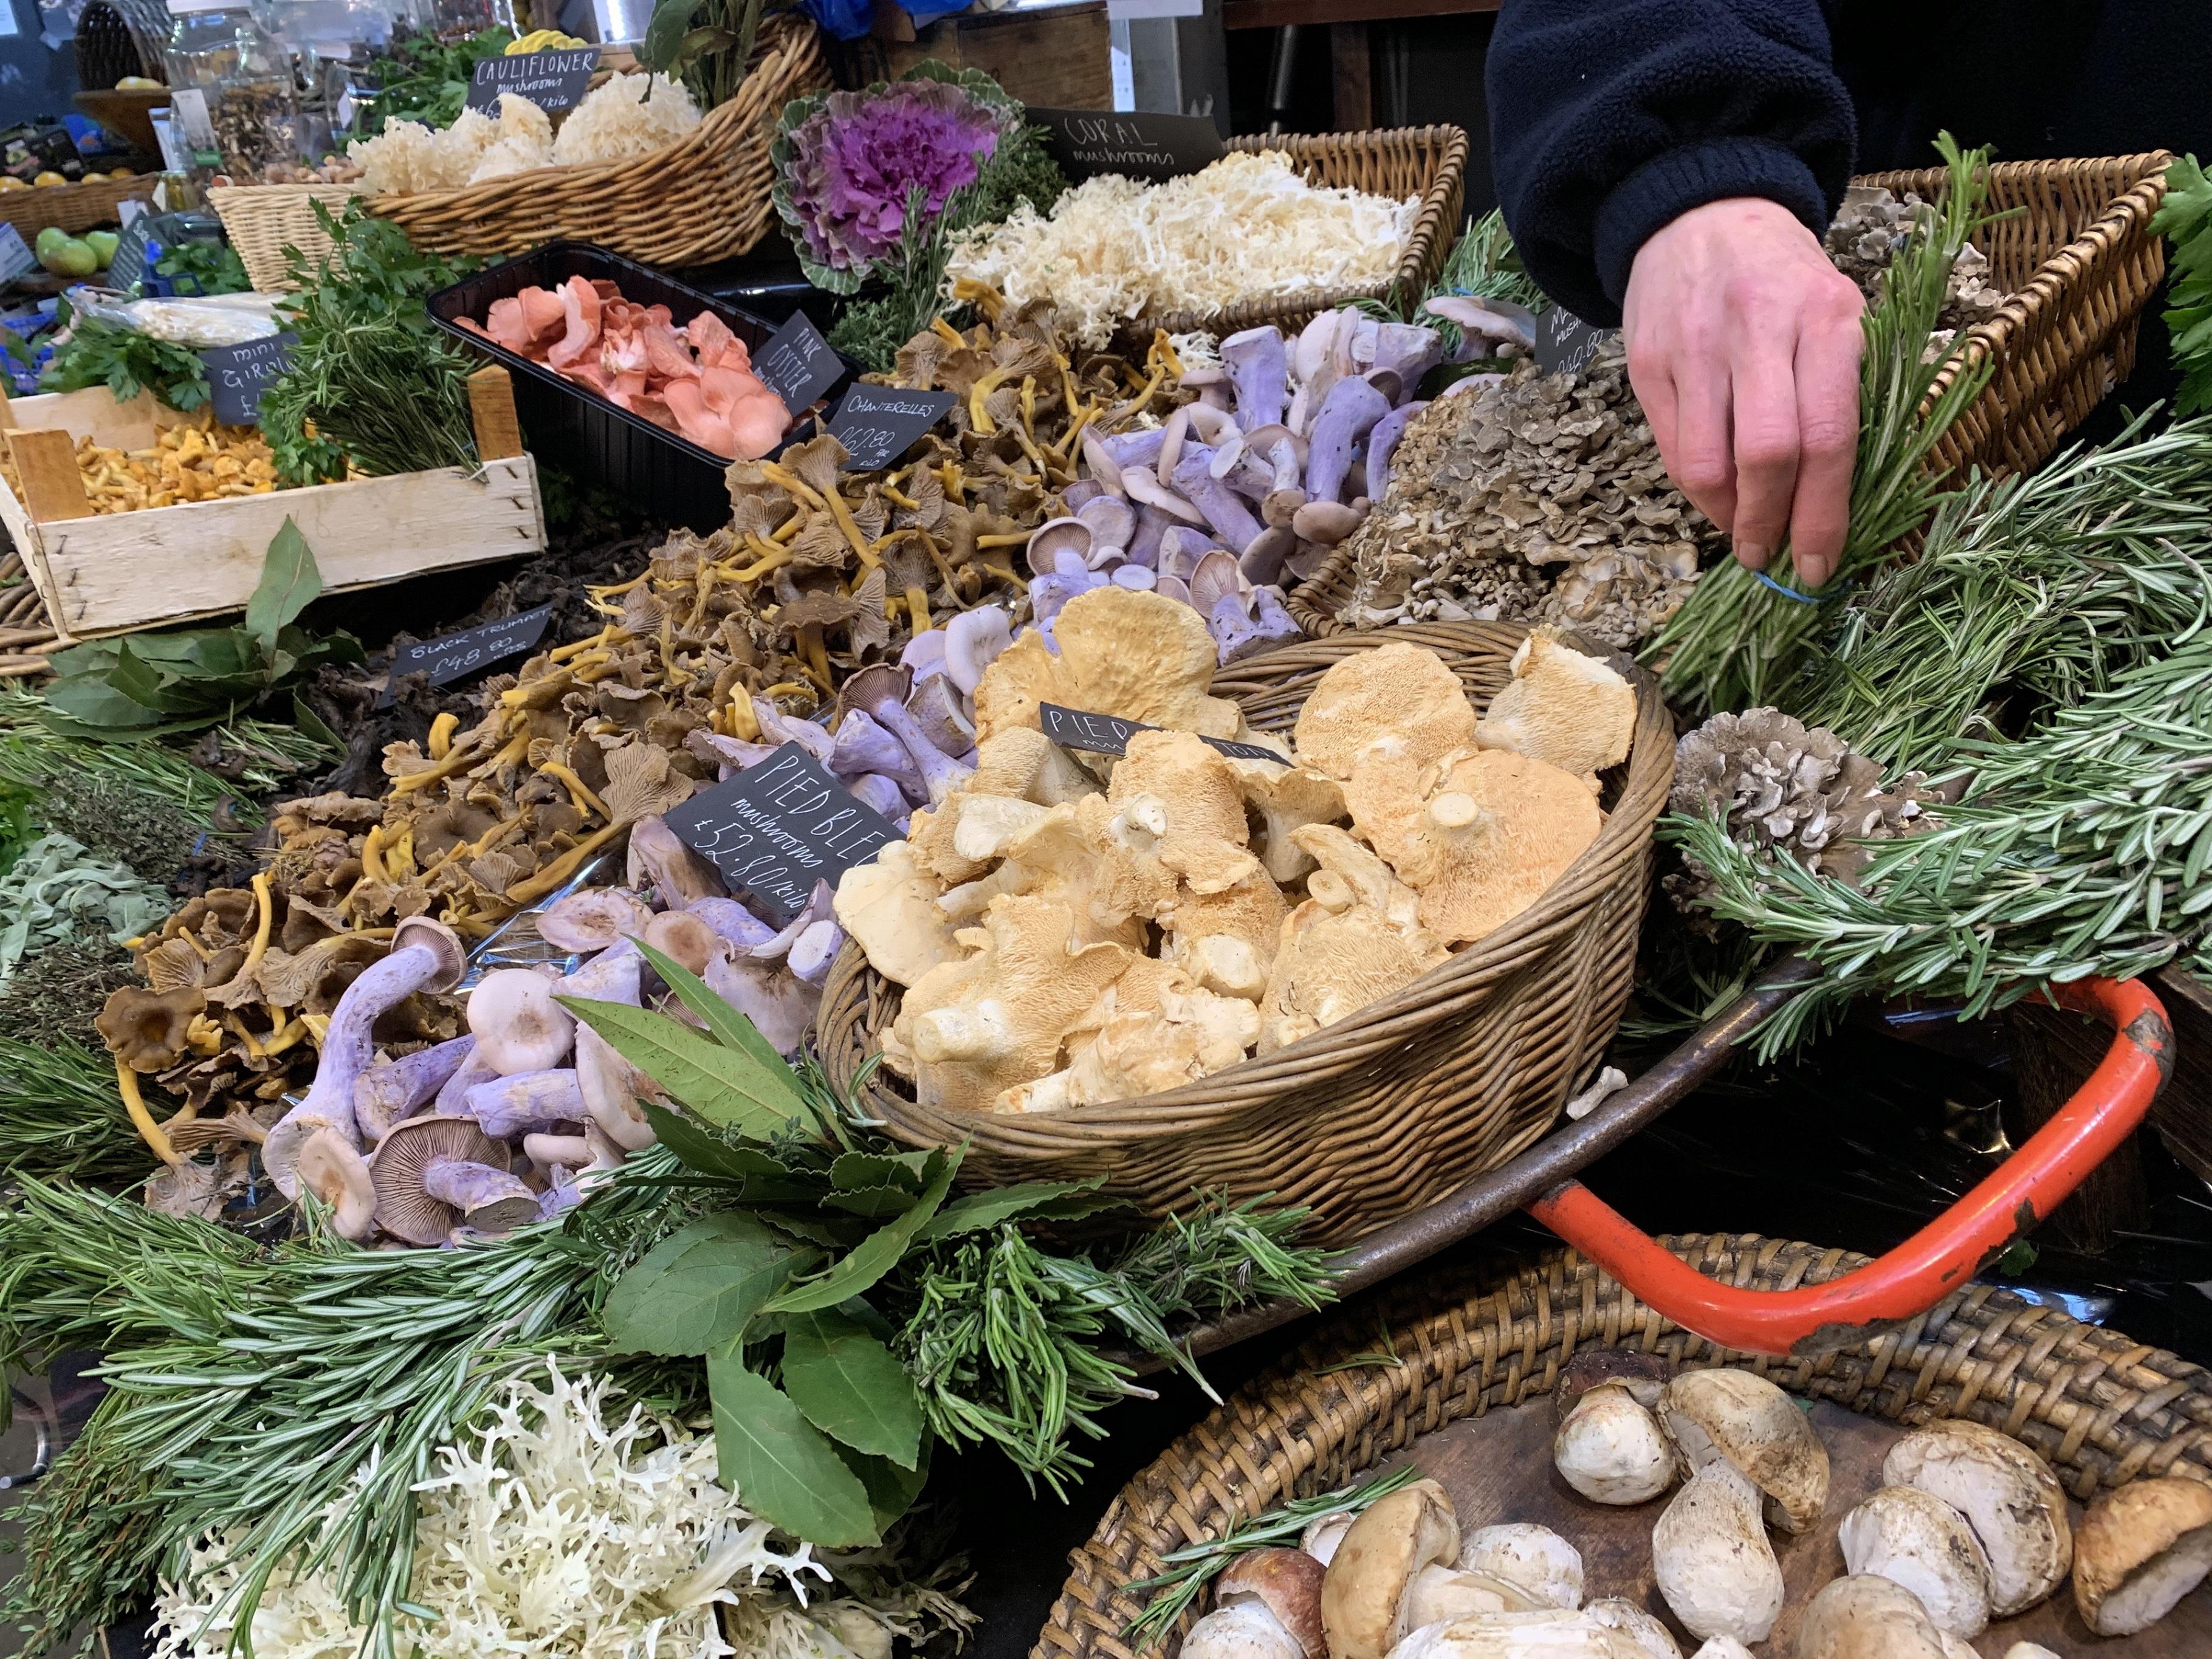 4-Mushrooms